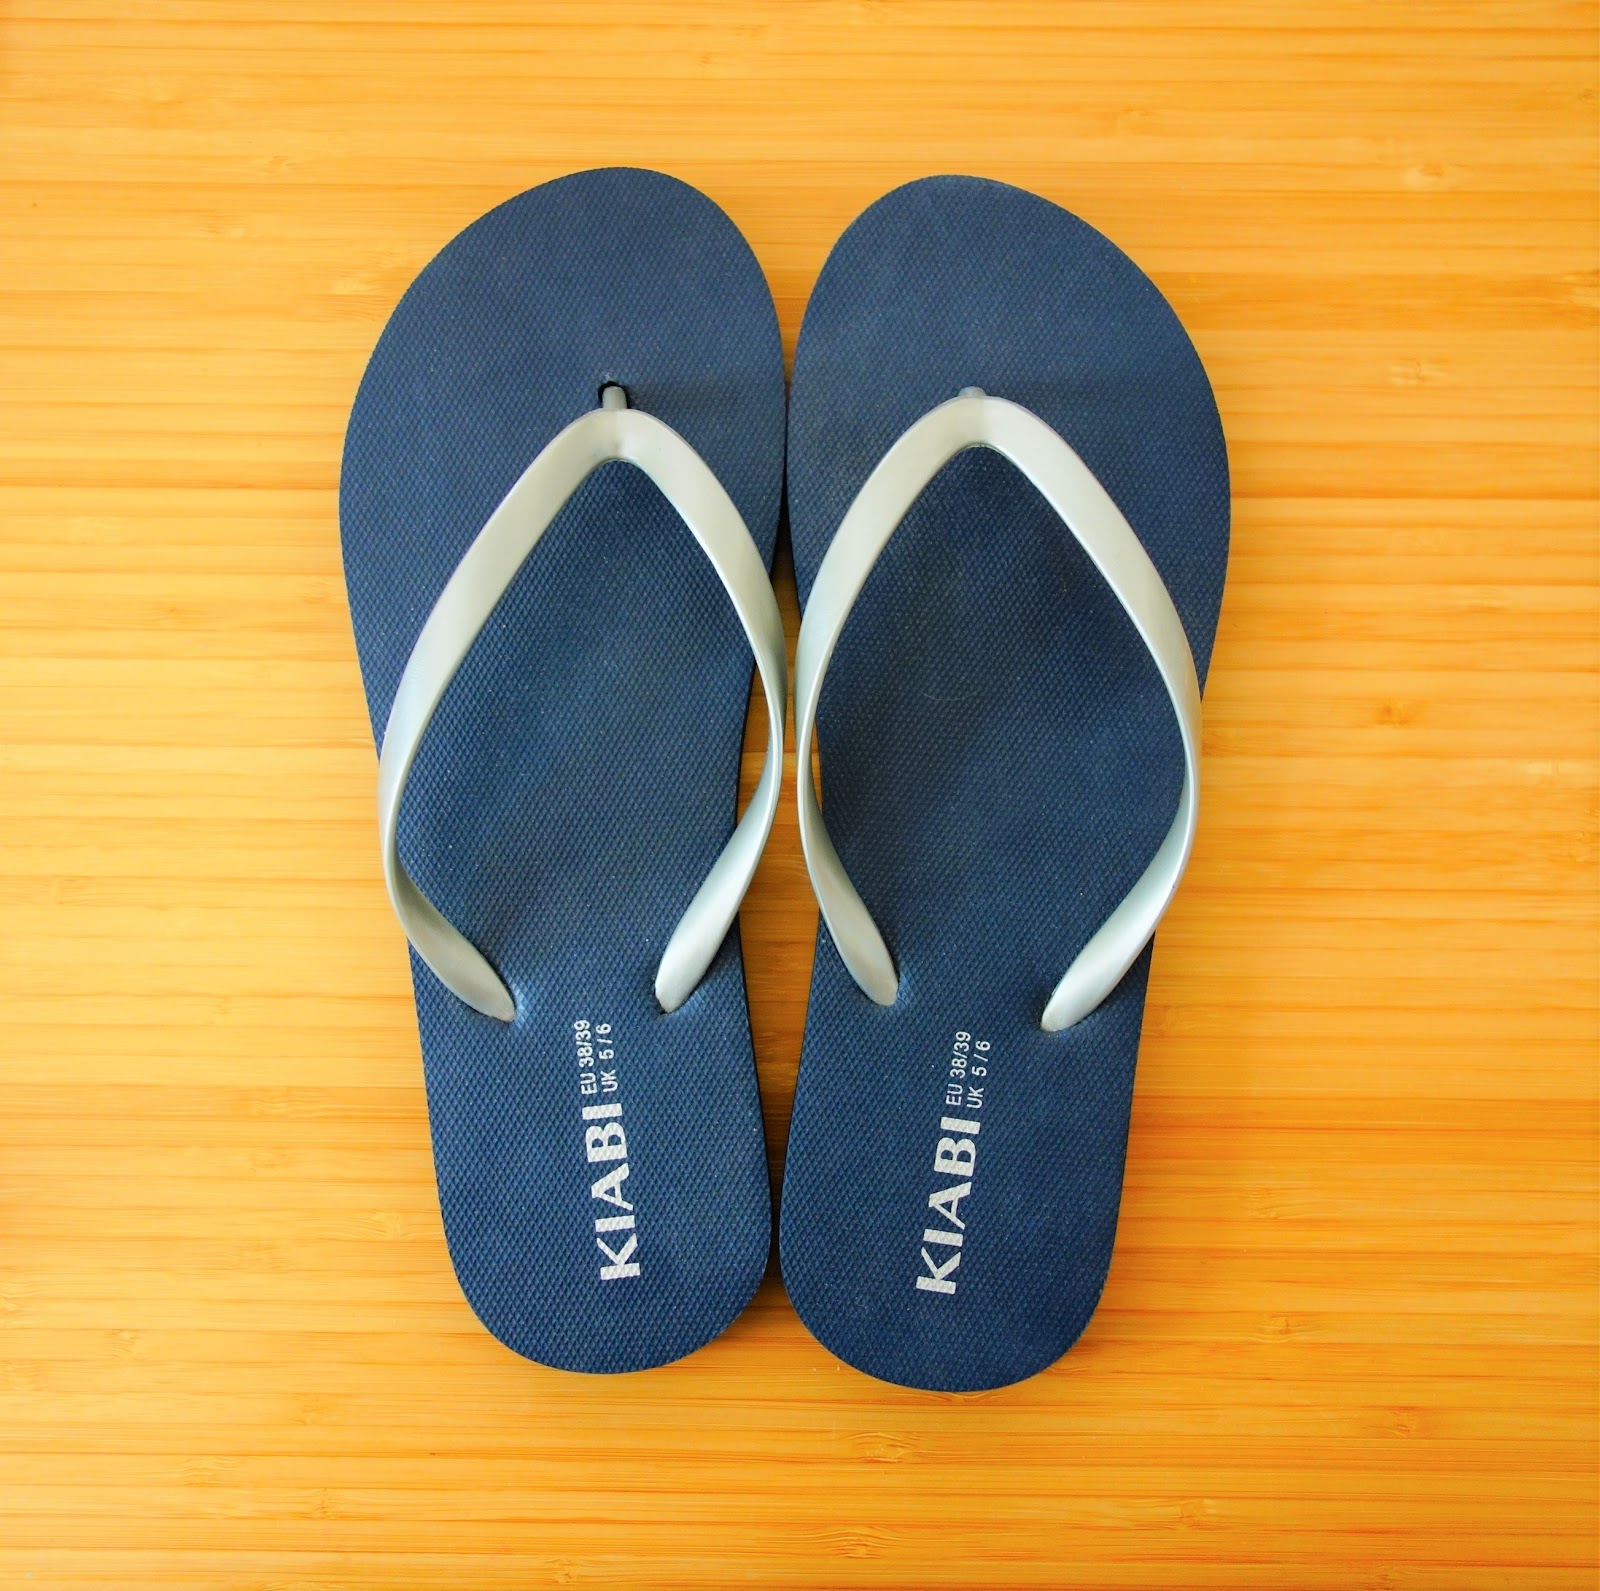 sur des pieds à meilleur pas cher en arrivant Initiales GG ... : Mes tongs customisées version grand bleu